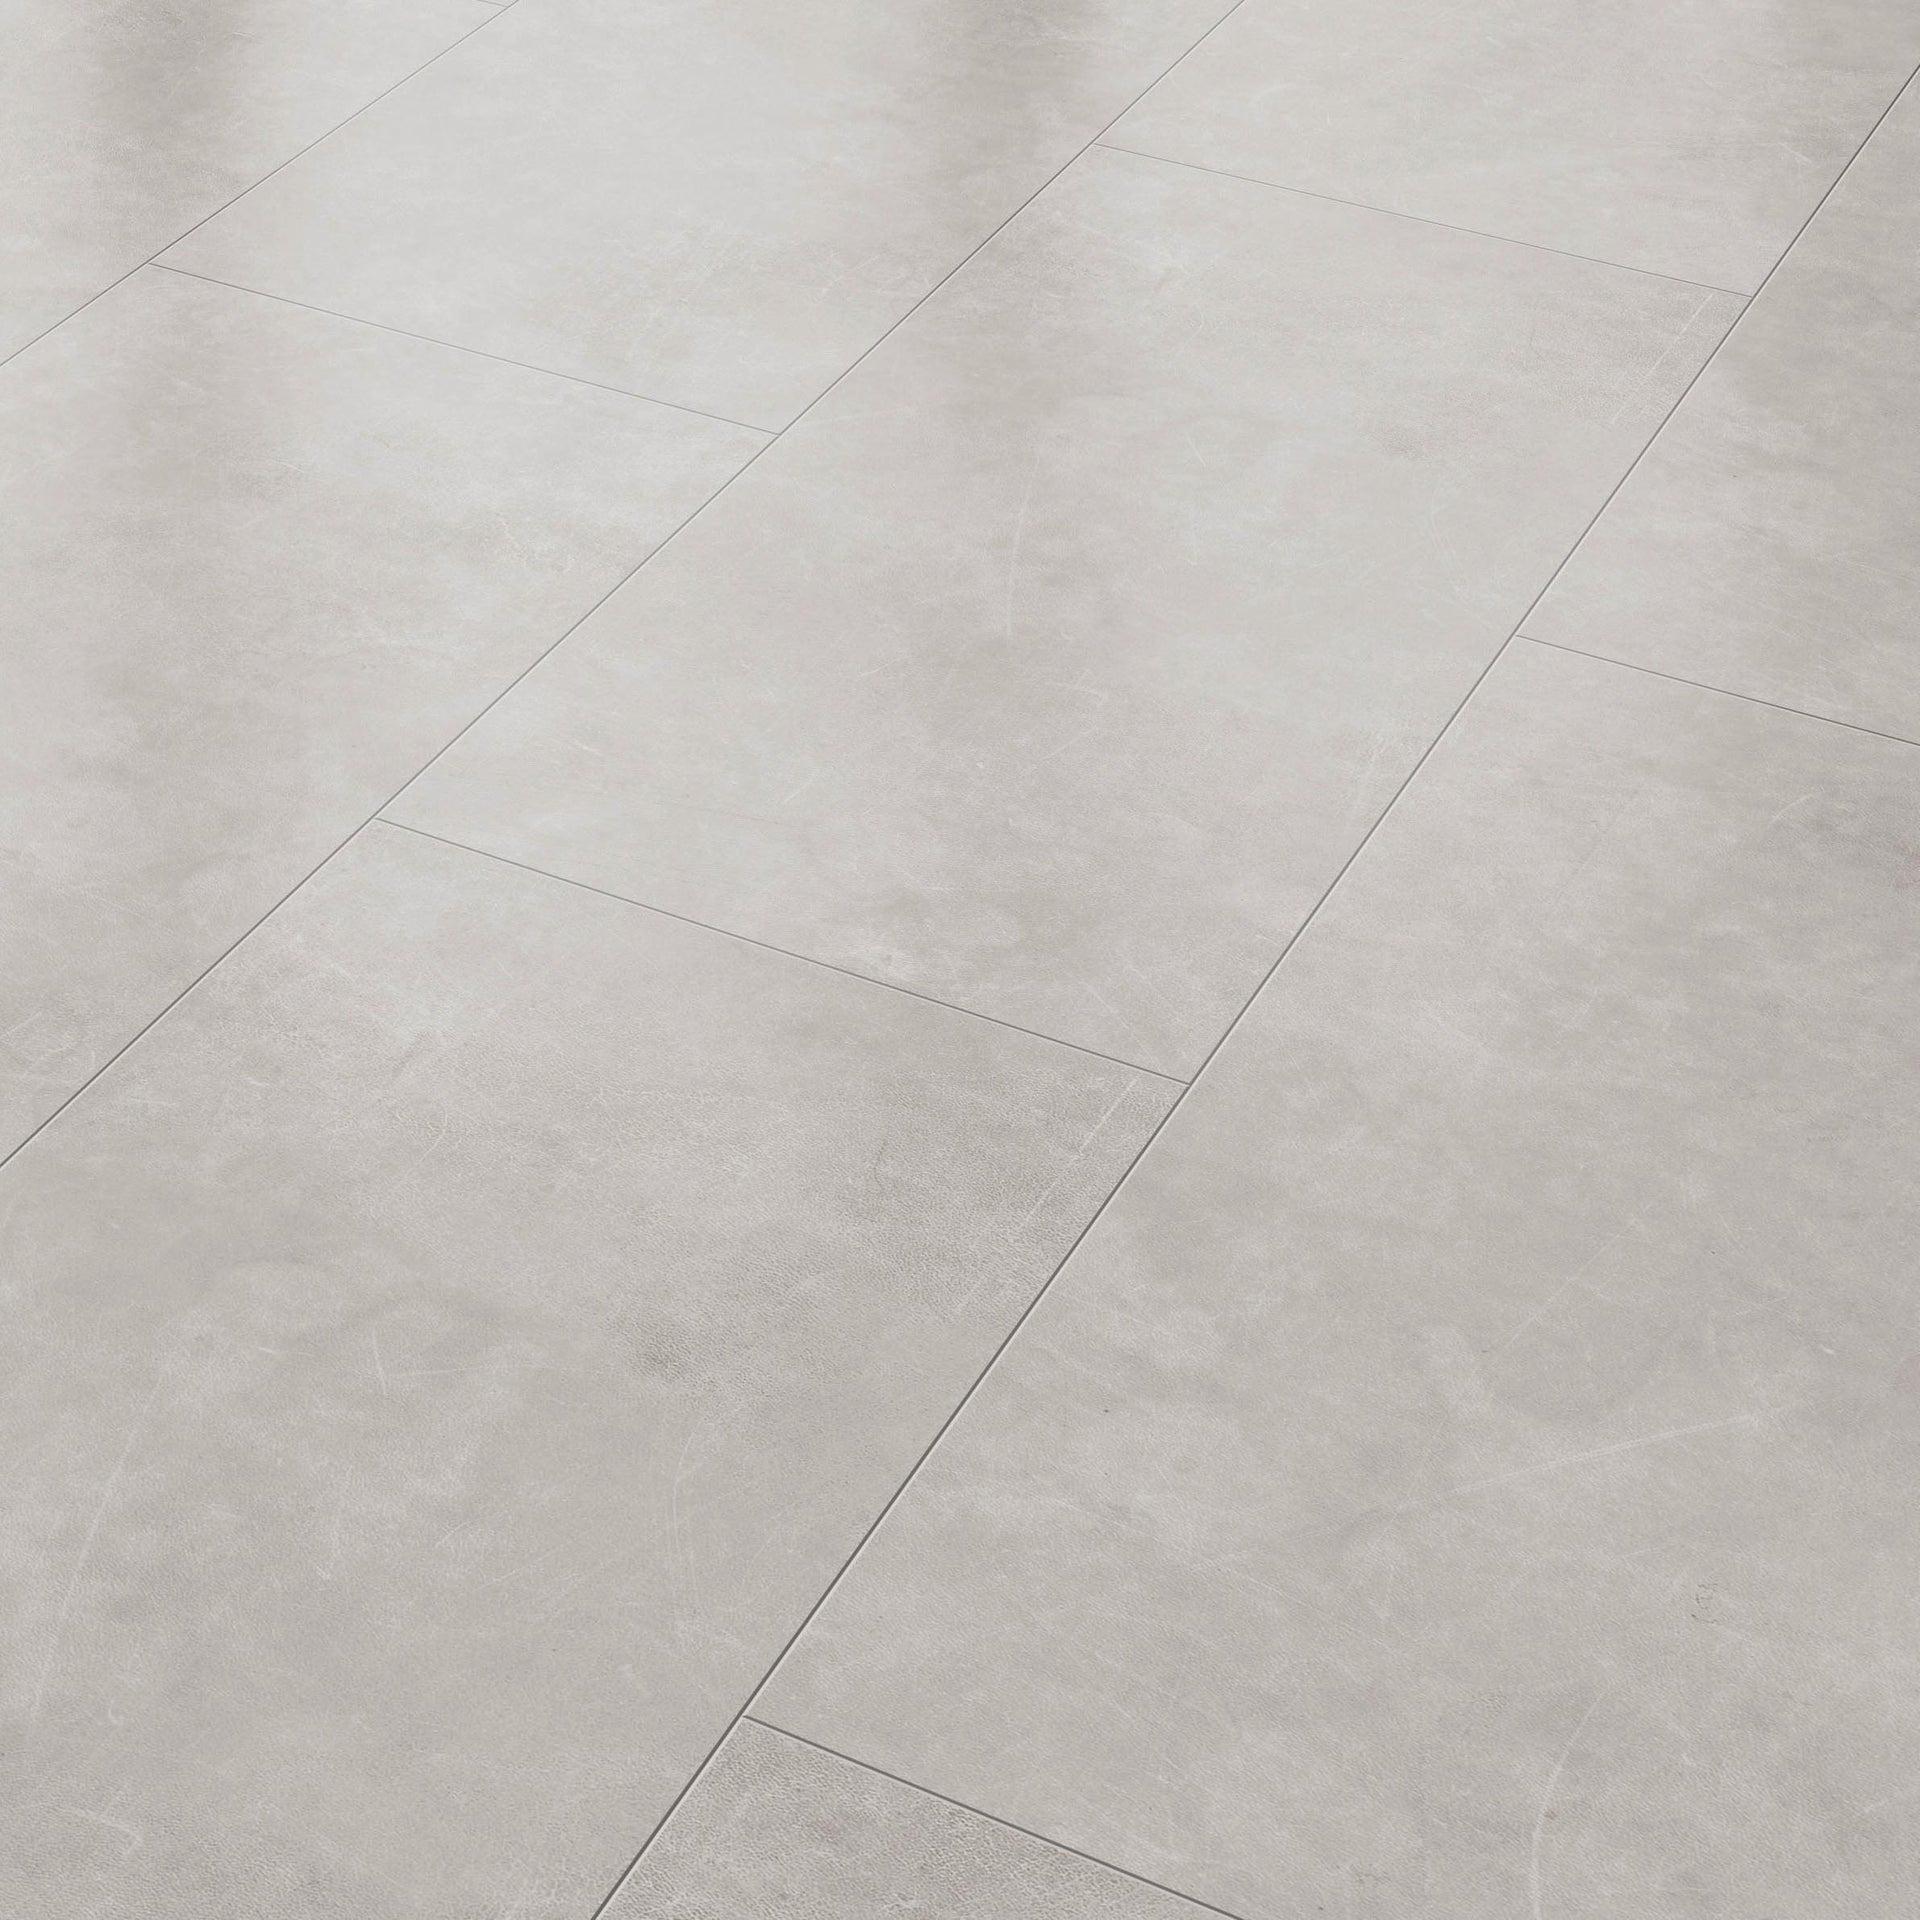 Pavimento SPC flottante clic+ Pietra Nova Salto Sp 4.5 mm bianco - 2